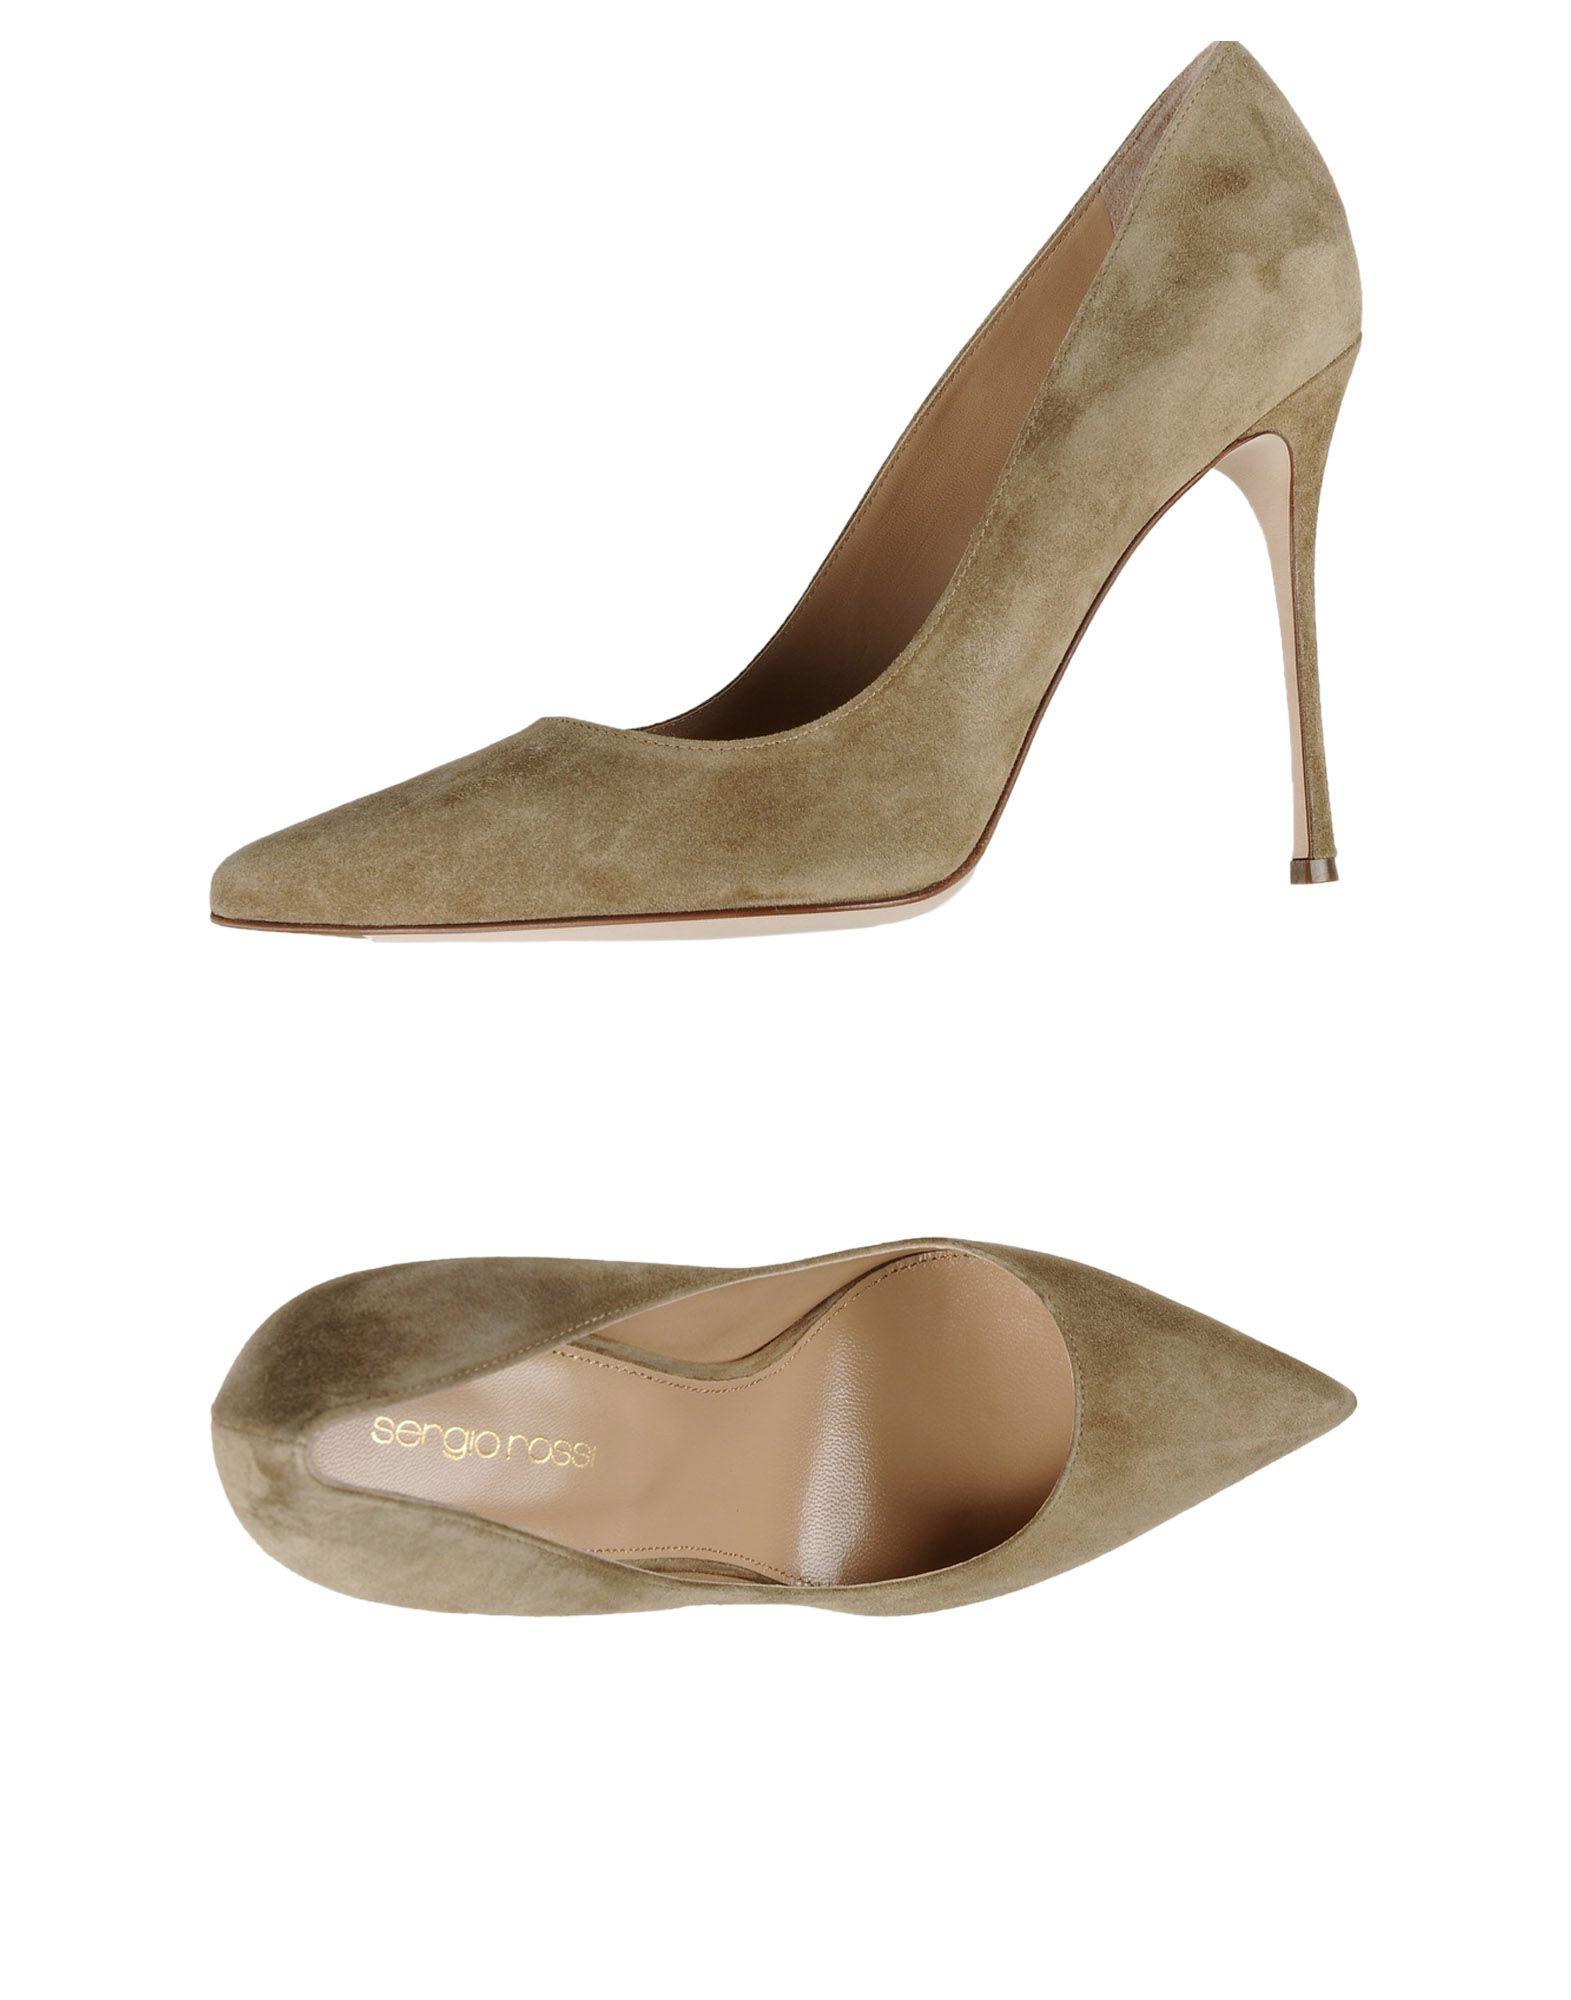 Sergio Rossi Pumps Damen Beliebte  11353197RU Beliebte Damen Schuhe dcdecf